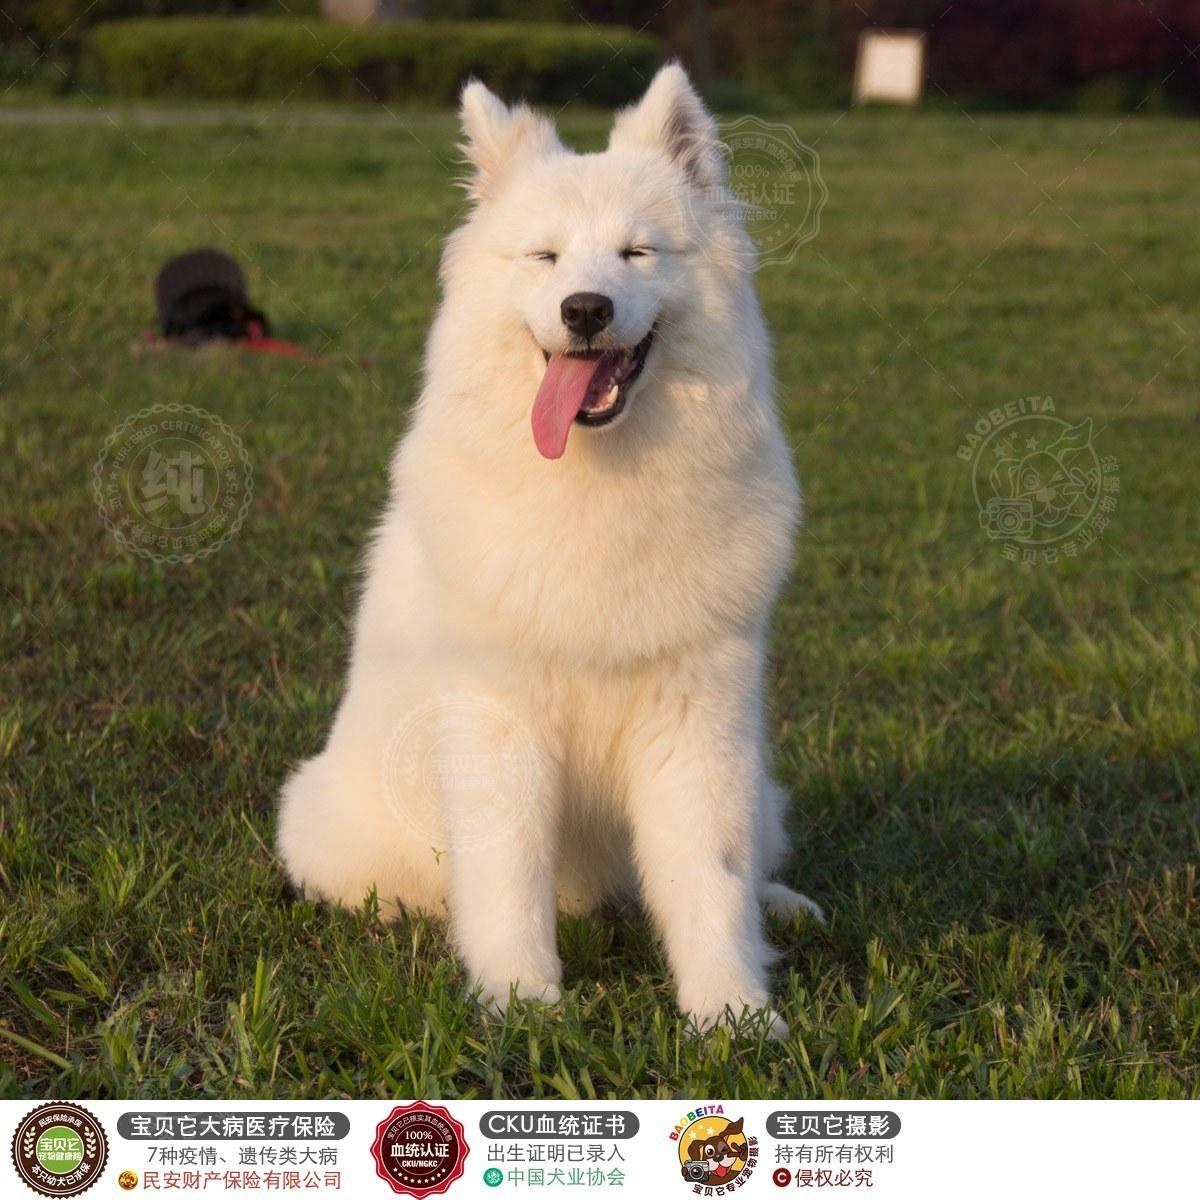 狗狗 萨摩耶犬  可爱蓬蓬棉花糖,毛量超多,父亲是登陆冠军硬币